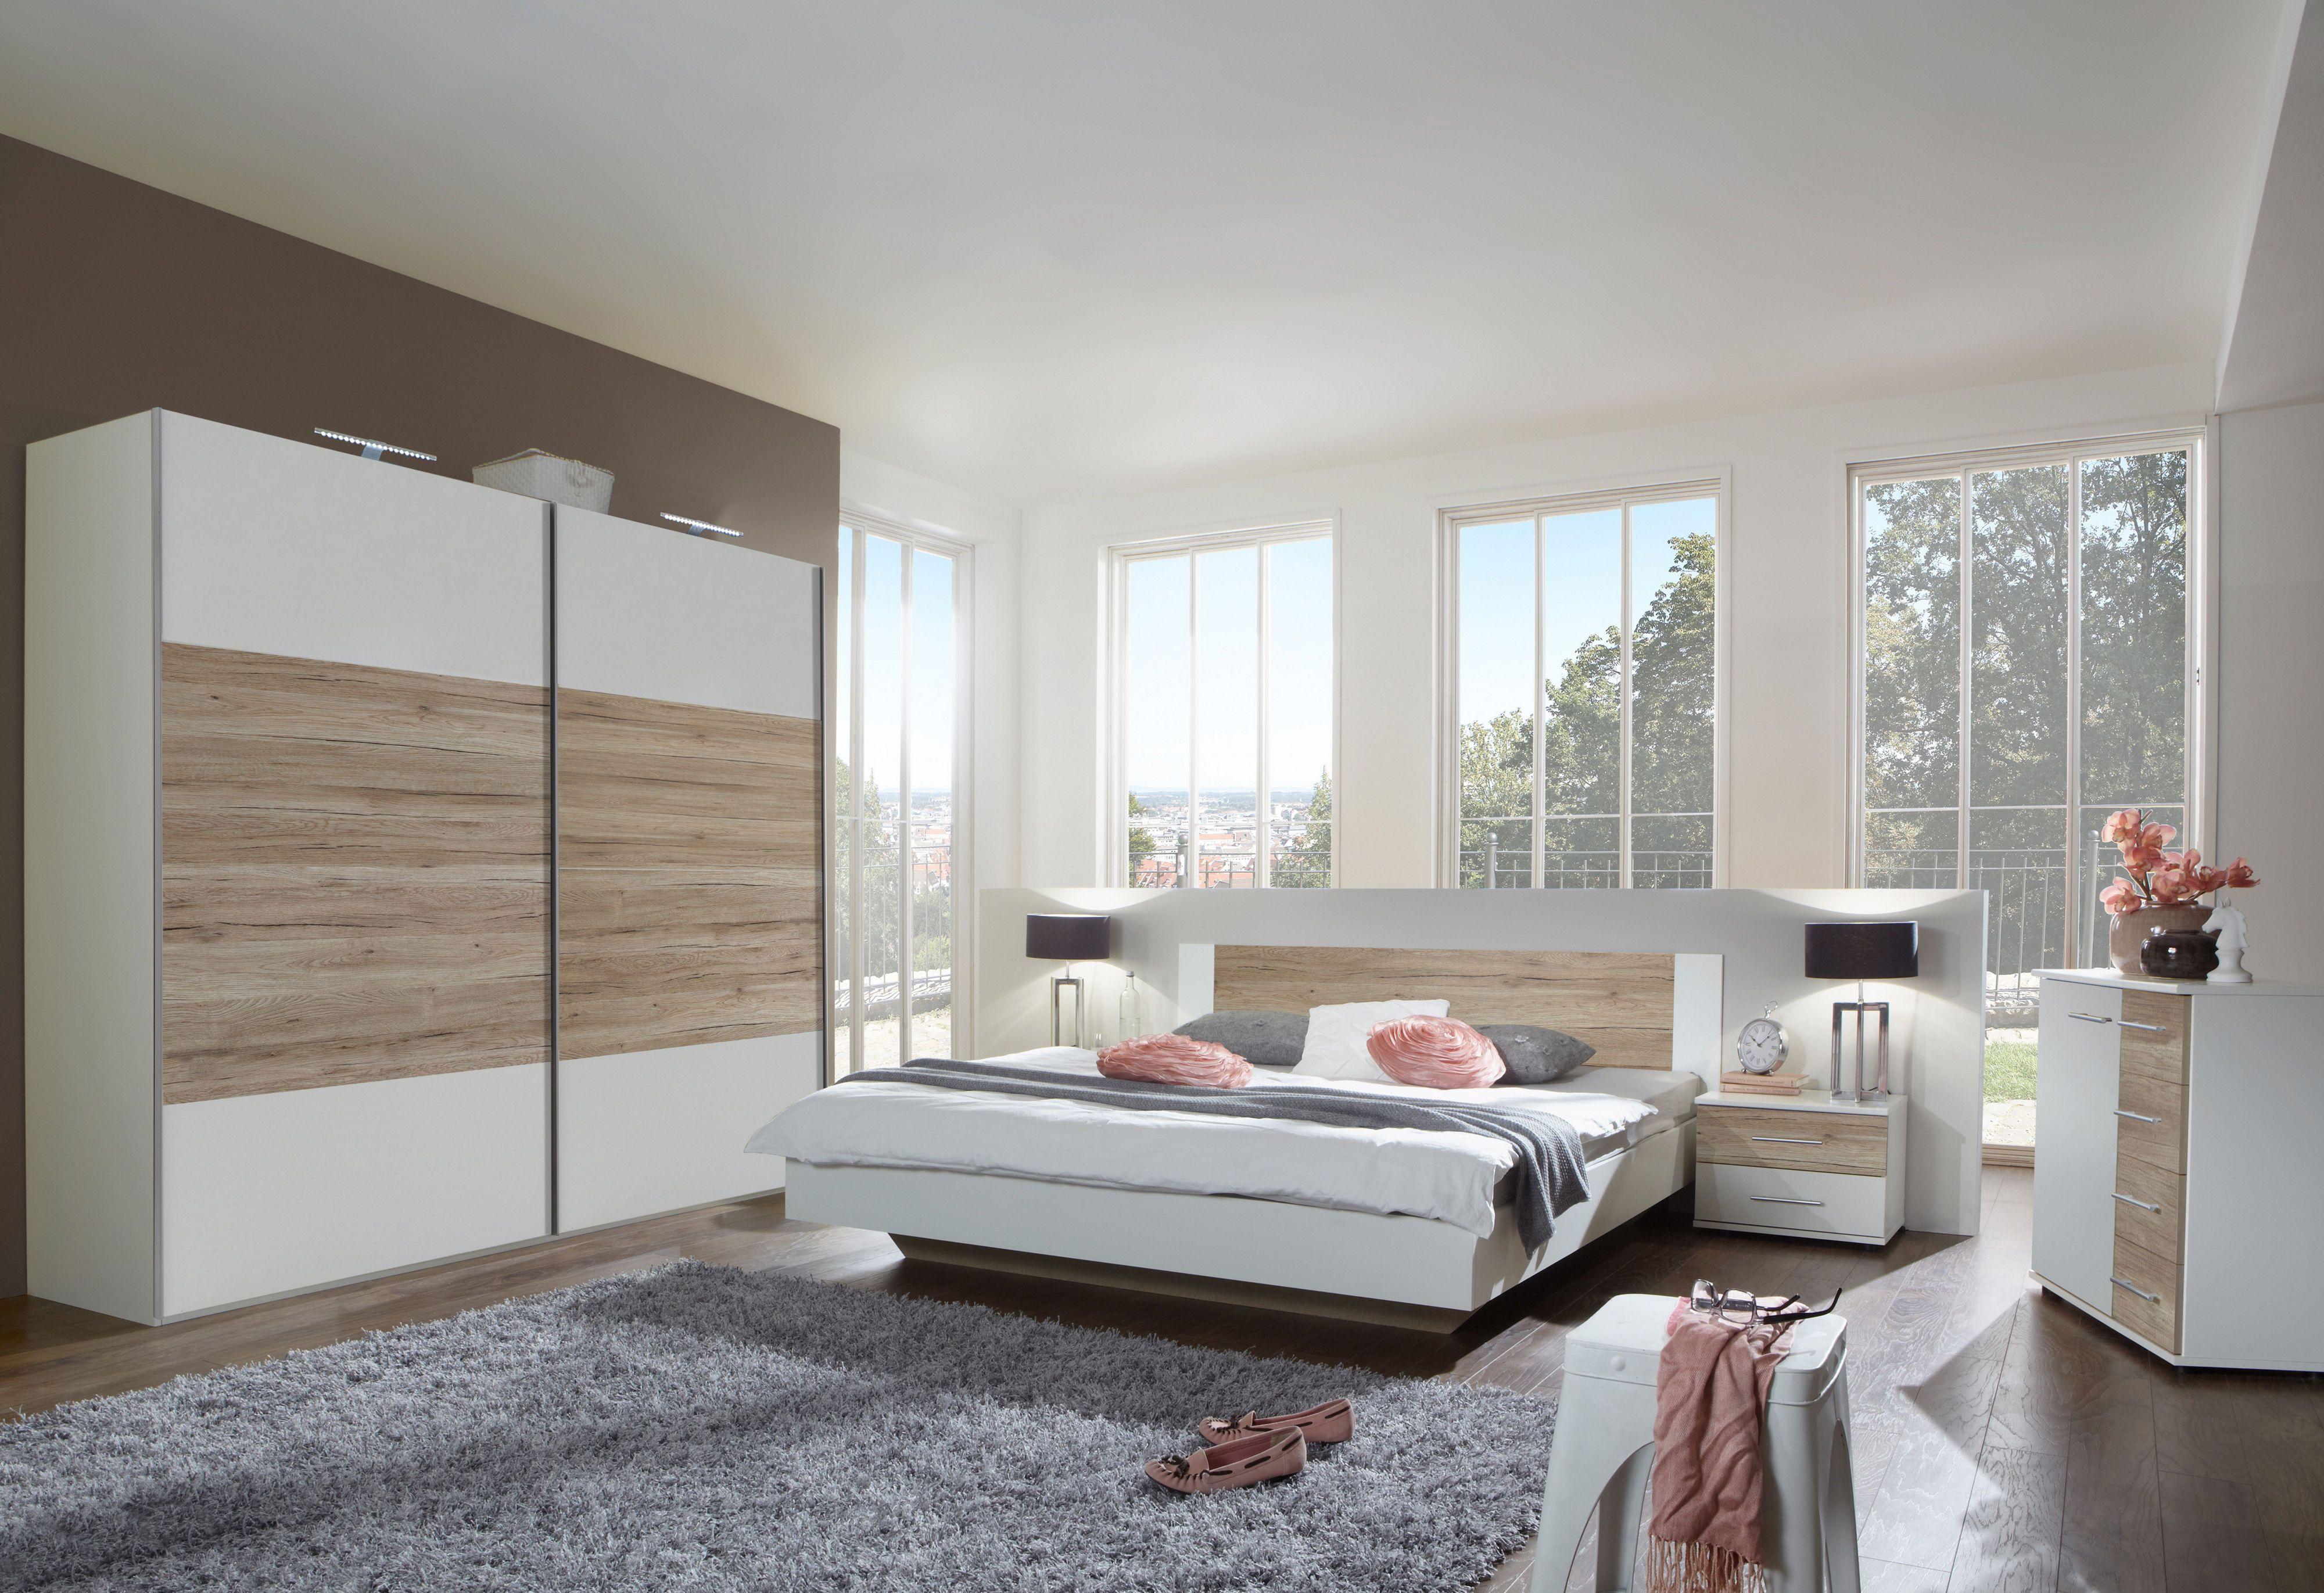 Wonderful Schlafzimmer Set 140x200 #8: Stunning Schlafzimmer Set 140x200 Photos Unintendedfarms